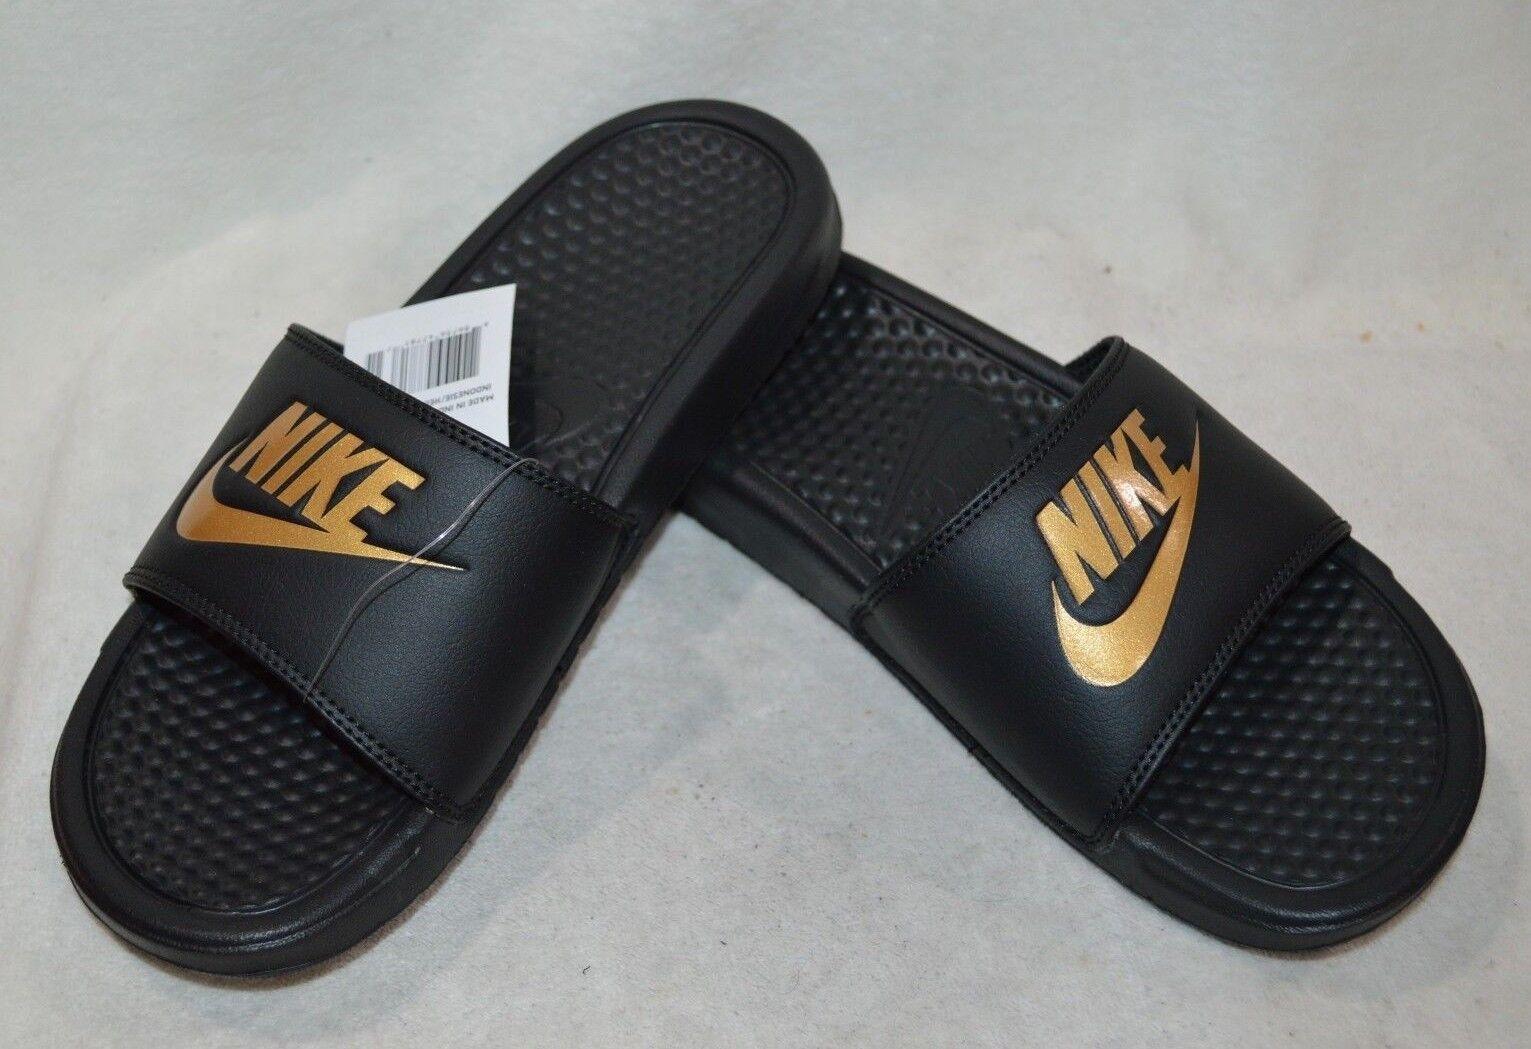 Nike Benassi JDI Men's Slides Black/Metallic Gold 343880-016